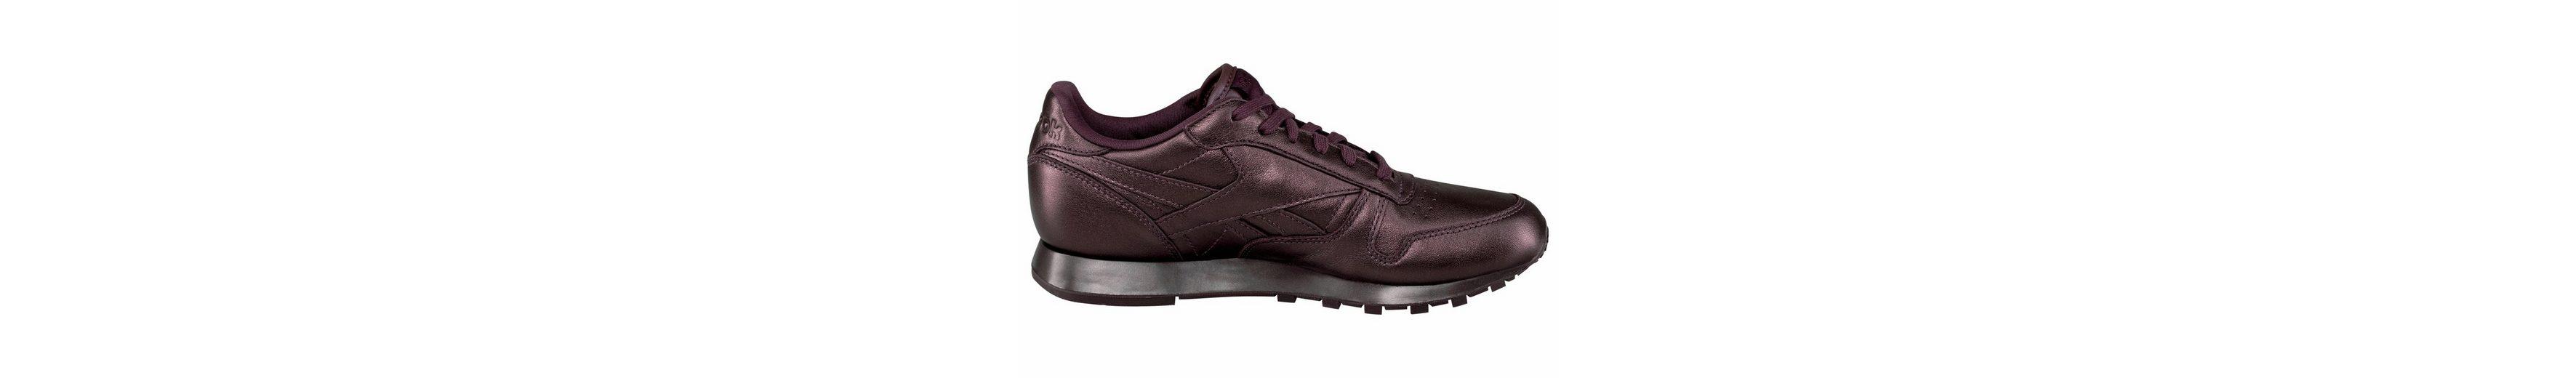 Reebok Classic Leather Face Fashion Sneaker Besuchen Neue Günstig Online Großer Verkauf Verkauf Online Billig Verkauf Sneakernews Extrem Verkauf Online JYMElhK